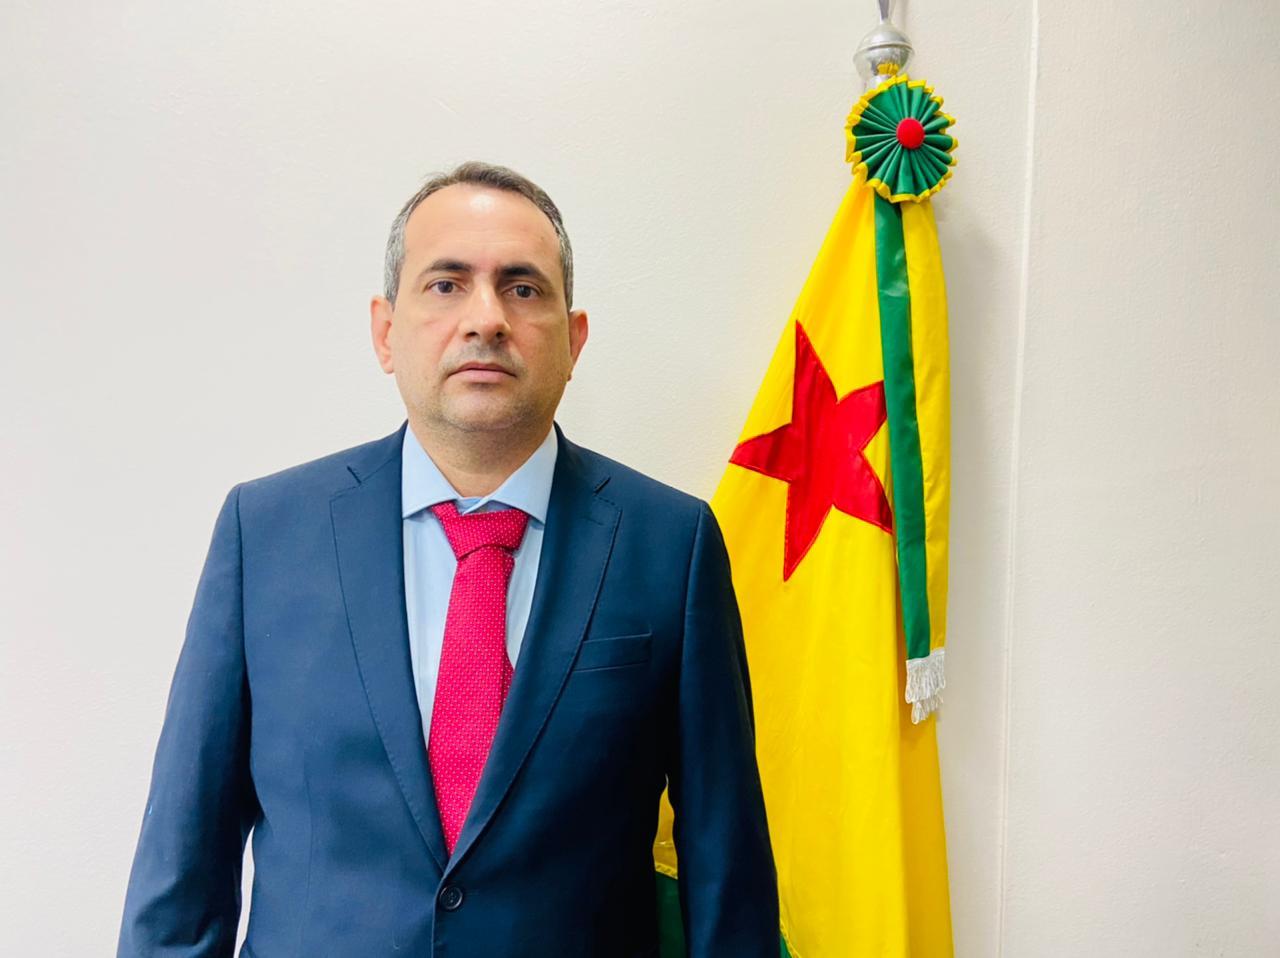 """Rutênio Sá repudia a fala do prefeito Tião Bocalom e diz """"Somos um poder independente e merecemos respeito"""""""